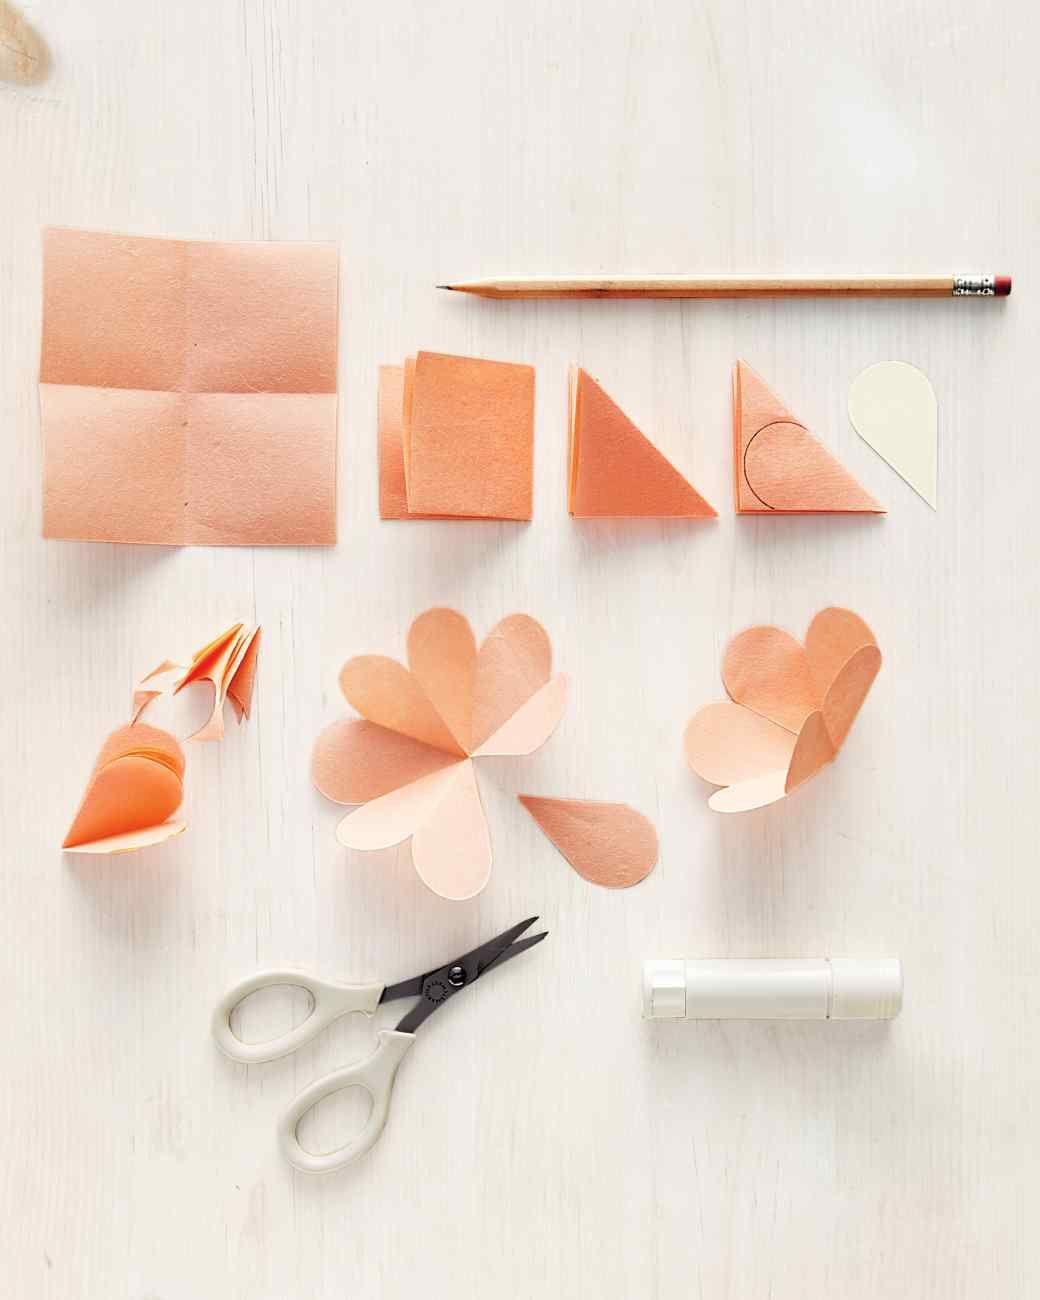 Зимнего утра, как сделать цветы из бумаги своими руками для открытки